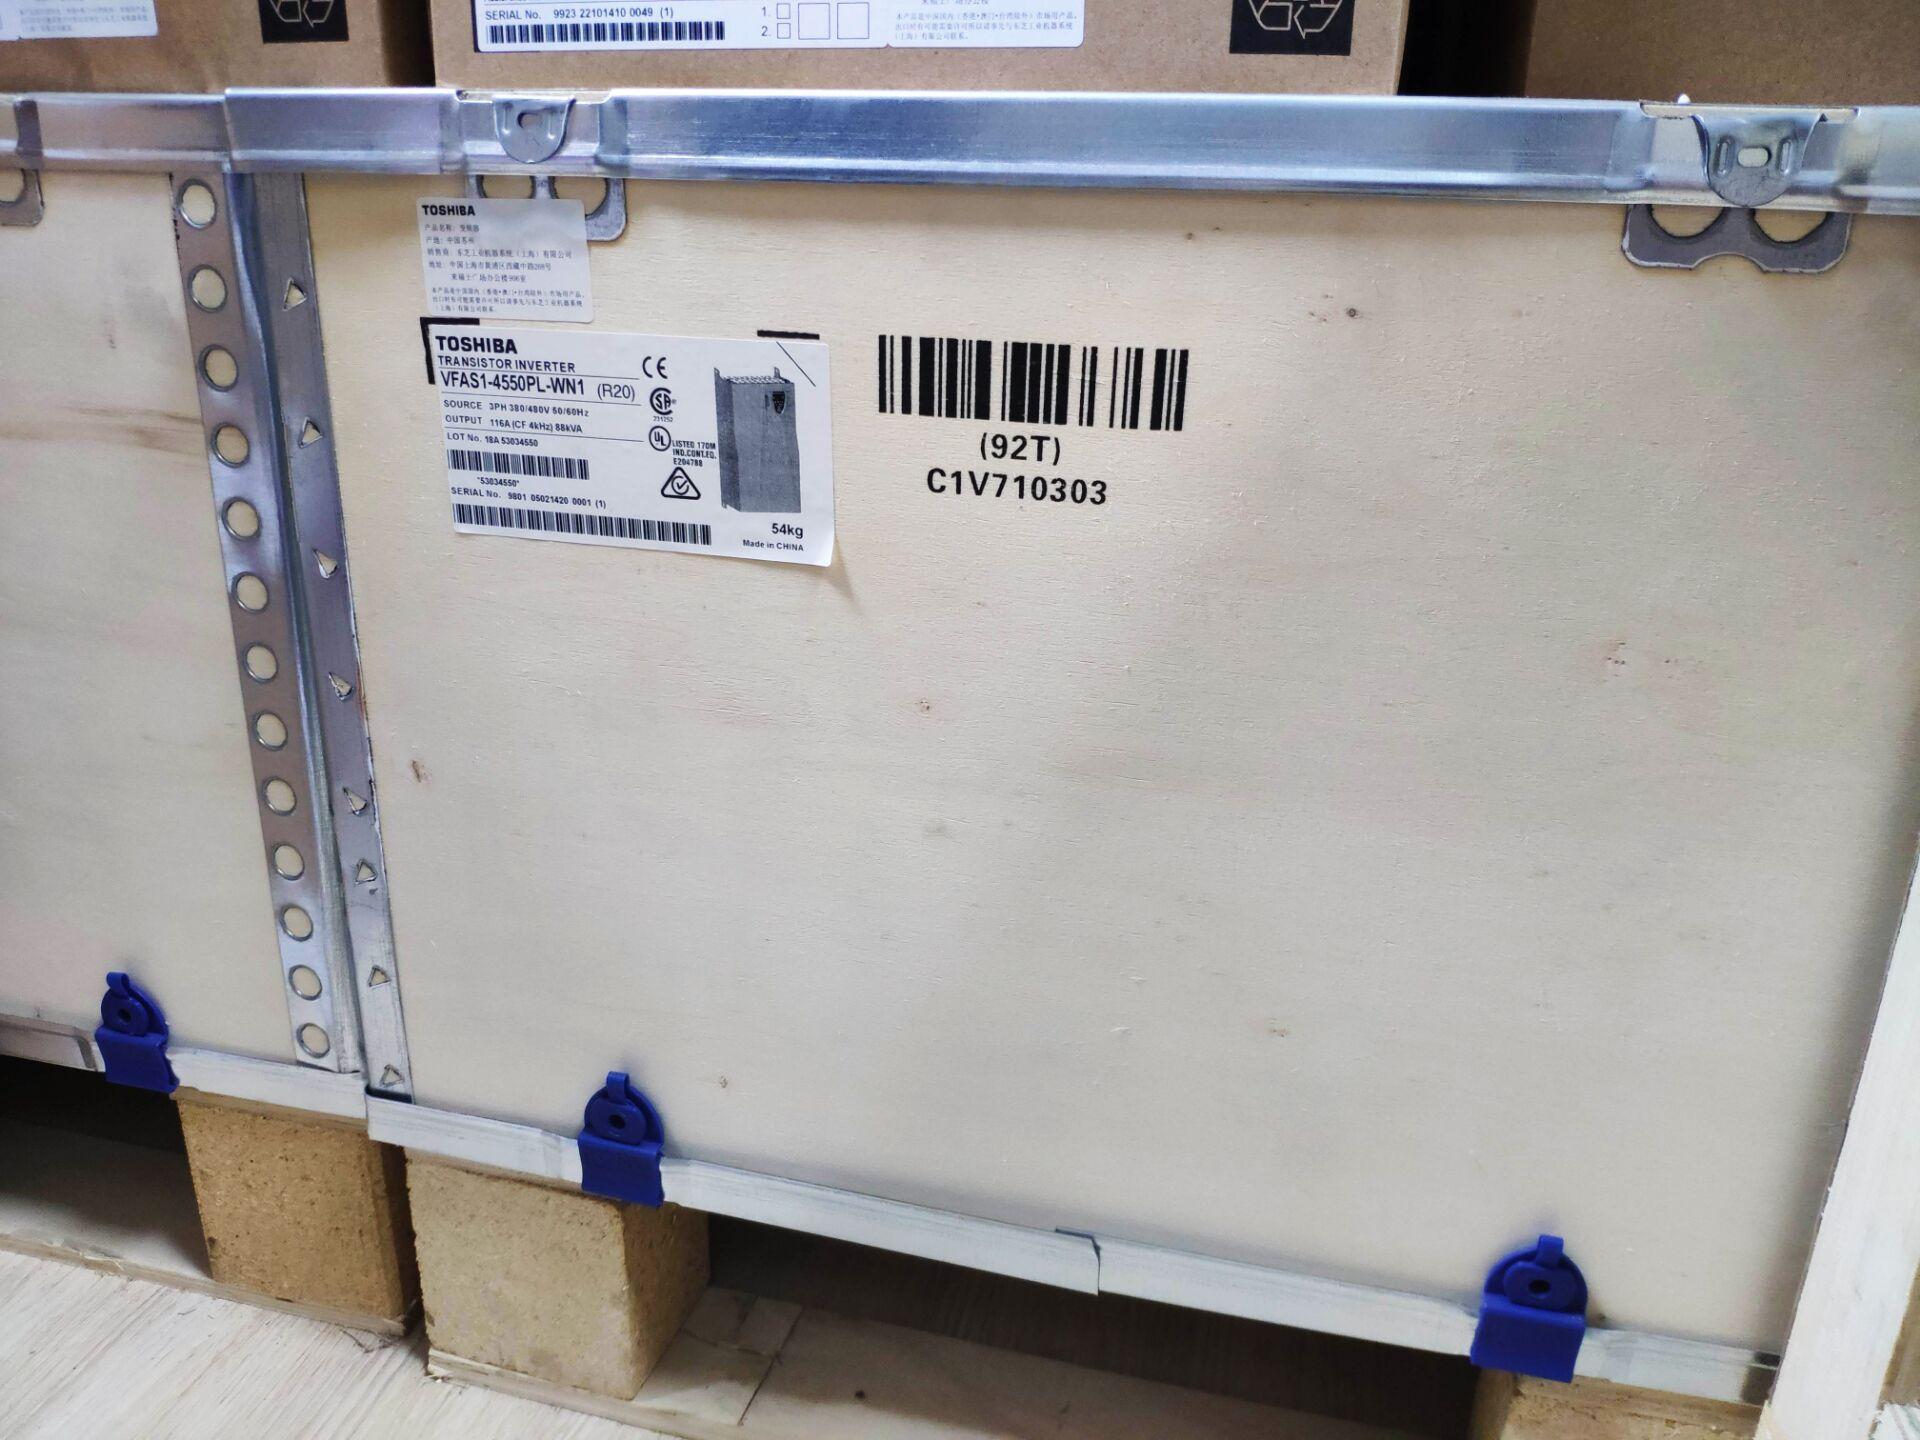 TOSHIBA东芝VFAS1-4220PL矢量型变频器 3